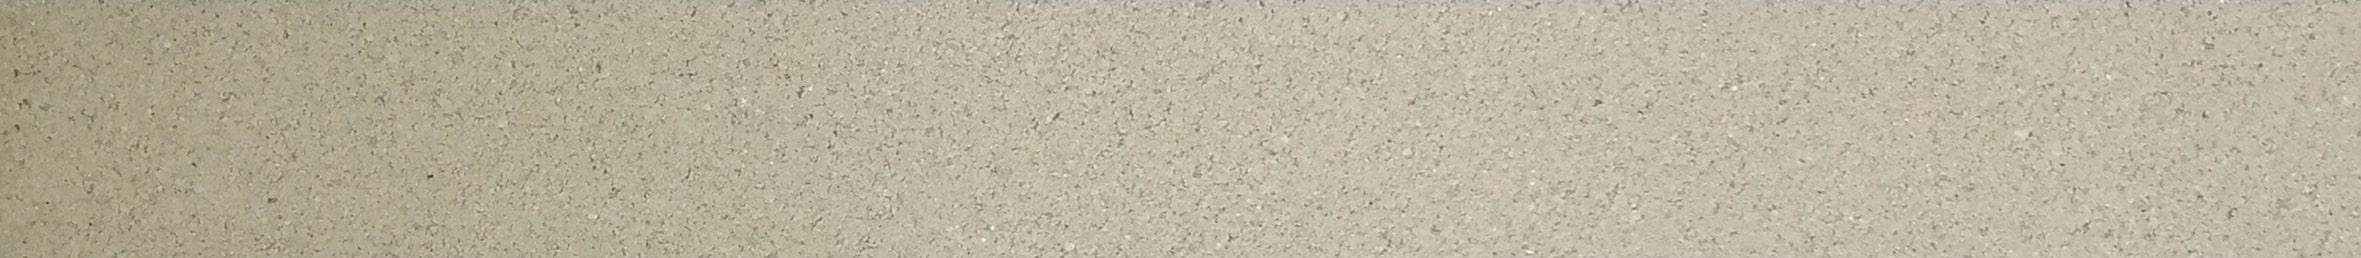 Fugenmörtel - Fugenfarbe 1032